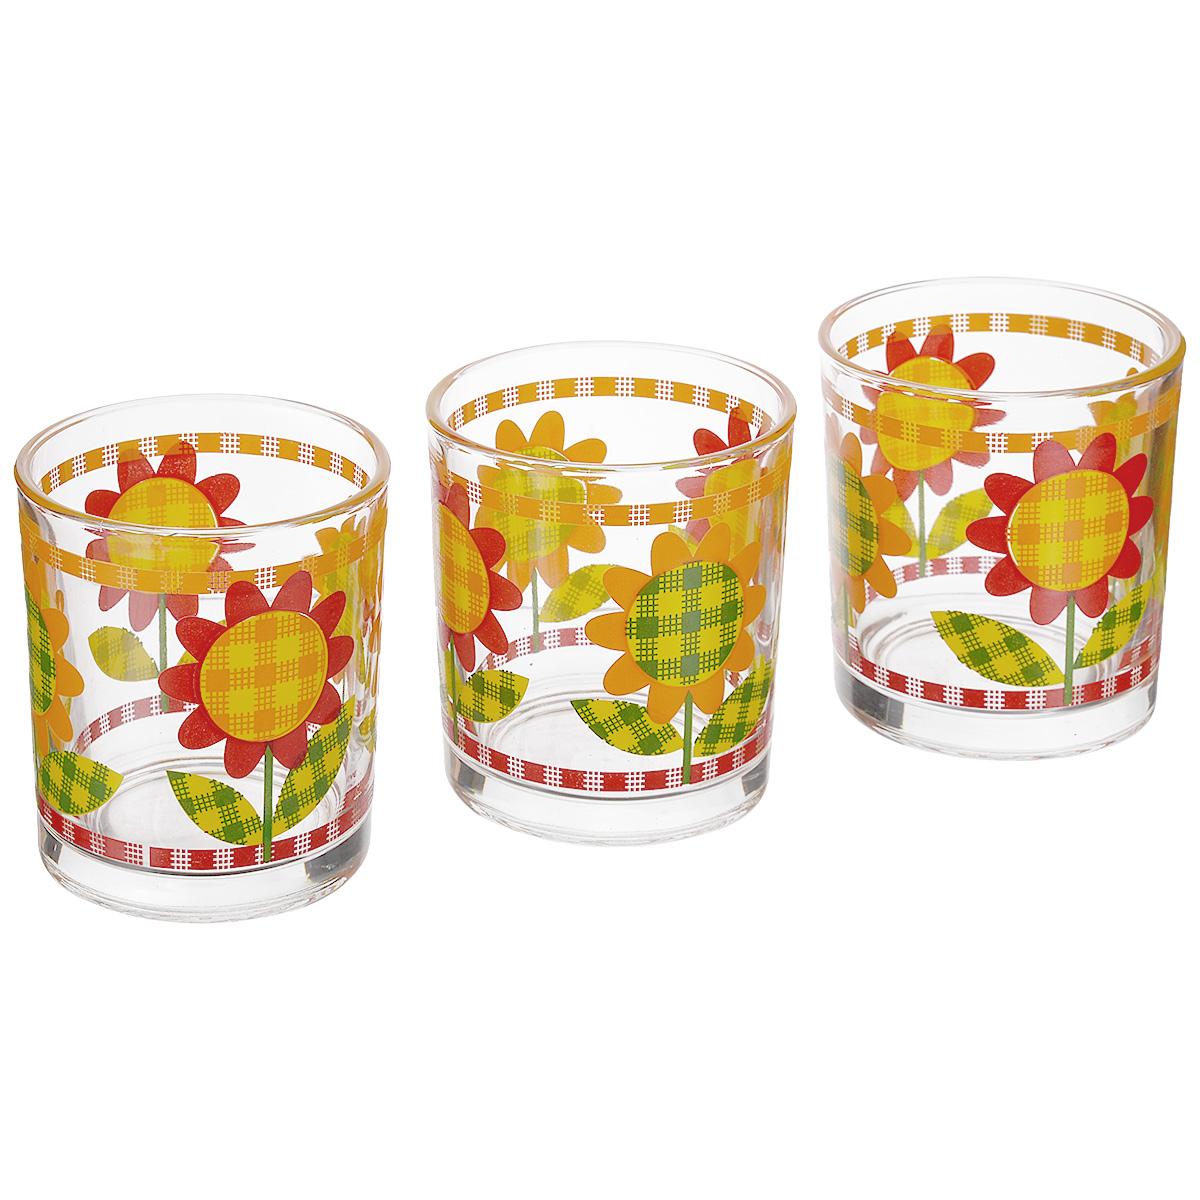 Набор стаканов Cerve Цинция, 220 мл, 3 штVT-1520(SR)Набор Cerve Цинция состоит из 3 стаканов, изготовленных из высококачественного стекла. Изделия оформлены изображениями цветов. Такой набор идеально подойдет для сервировки стола и станет отличным подарком к любому празднику. Разрешается мыть в посудомоечной машине. Диаметр стакана (по верхнему краю): 6 см. Высота стакана: 8 см.